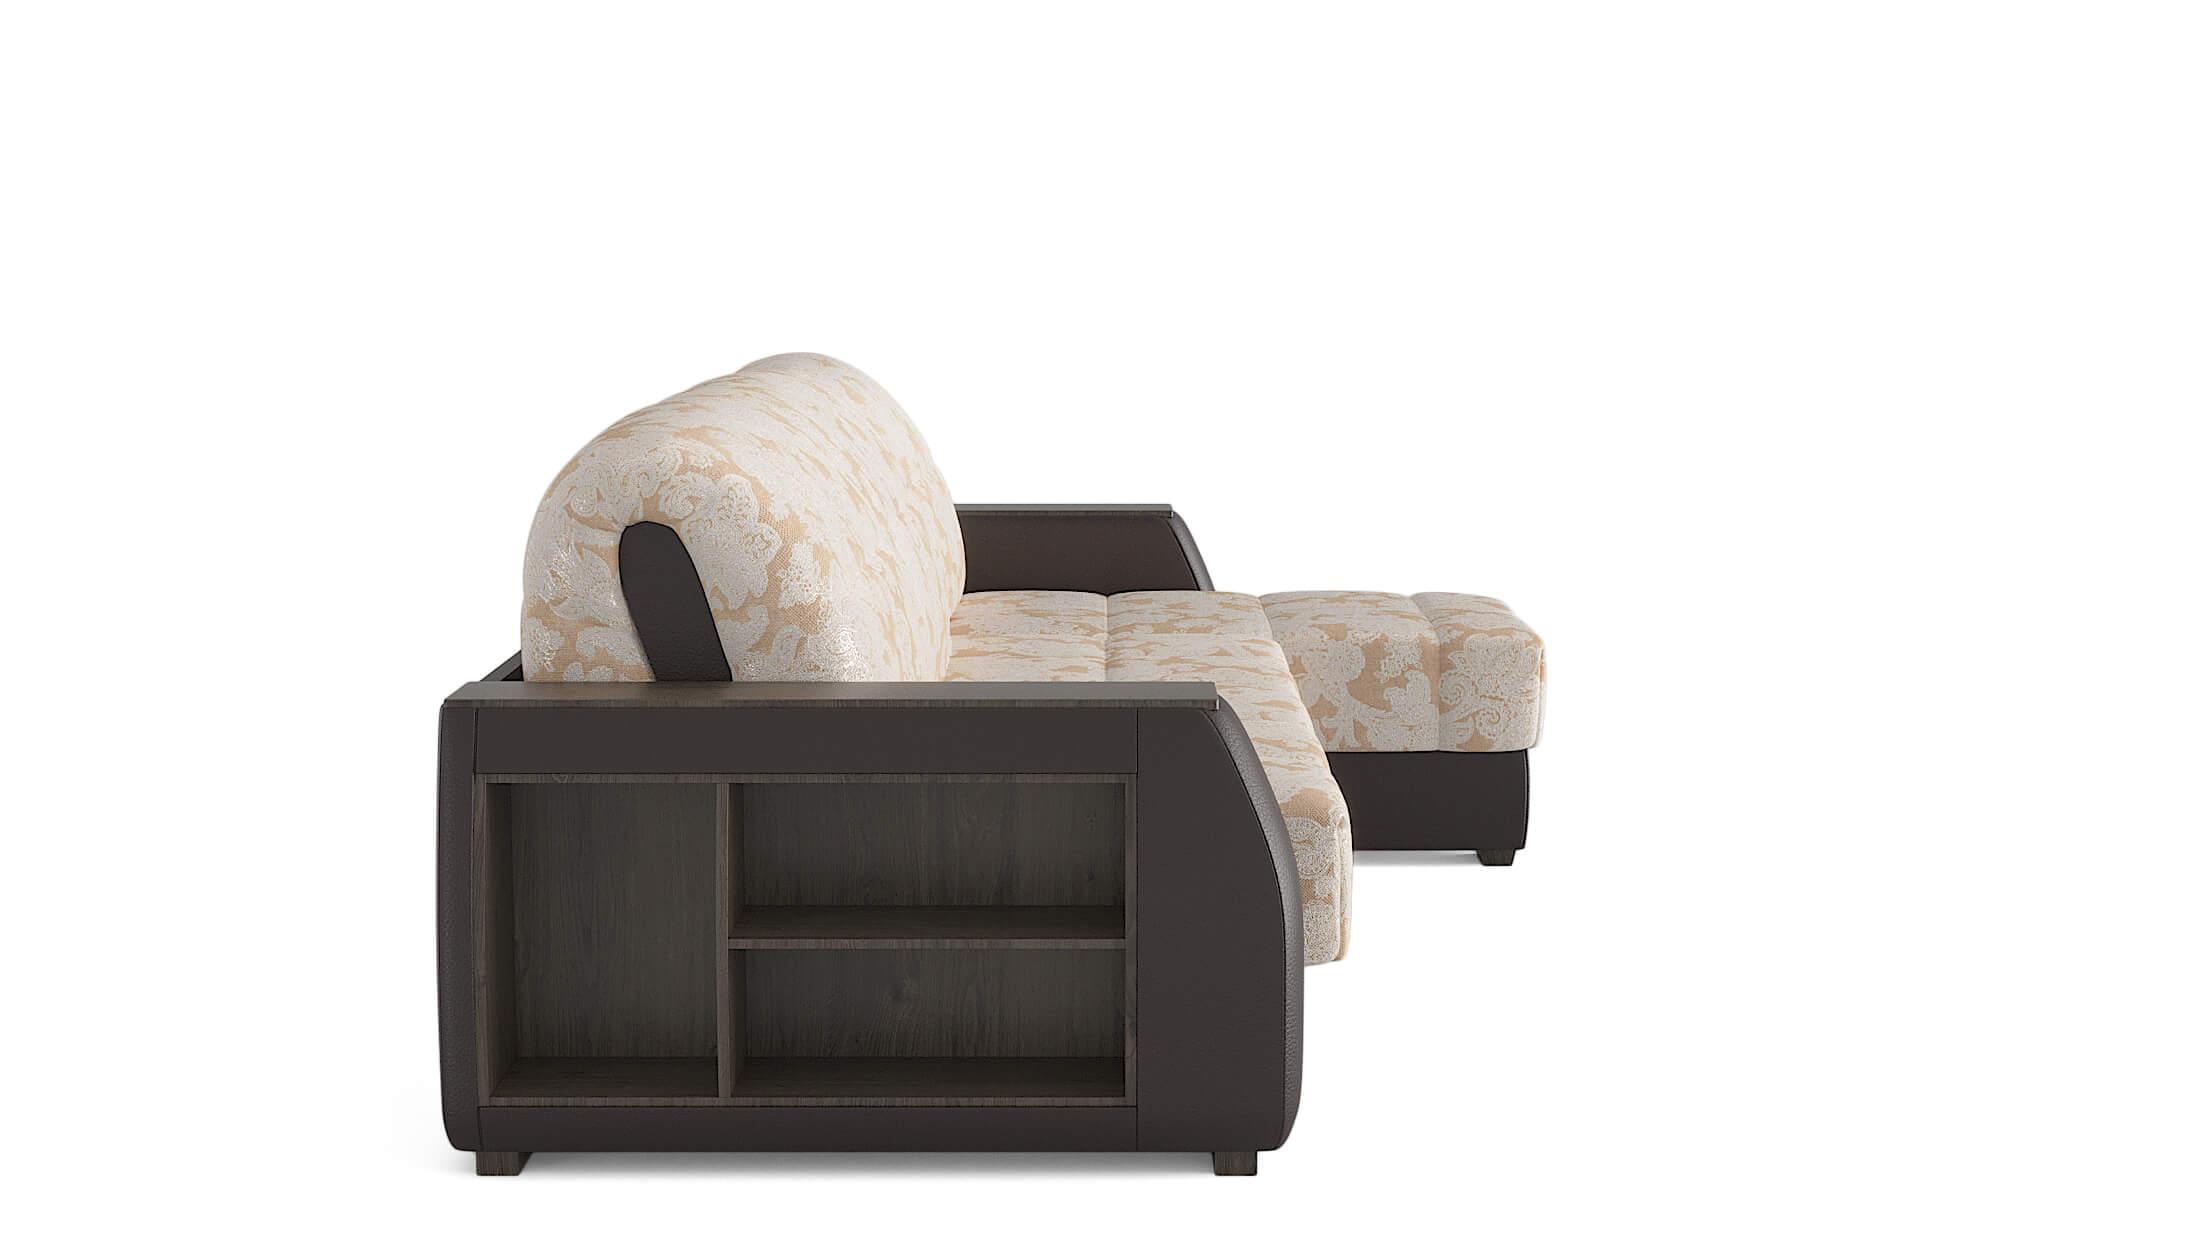 картинка Угловой диван  SUNSET New Toskana flora beige от магазина Одежда+